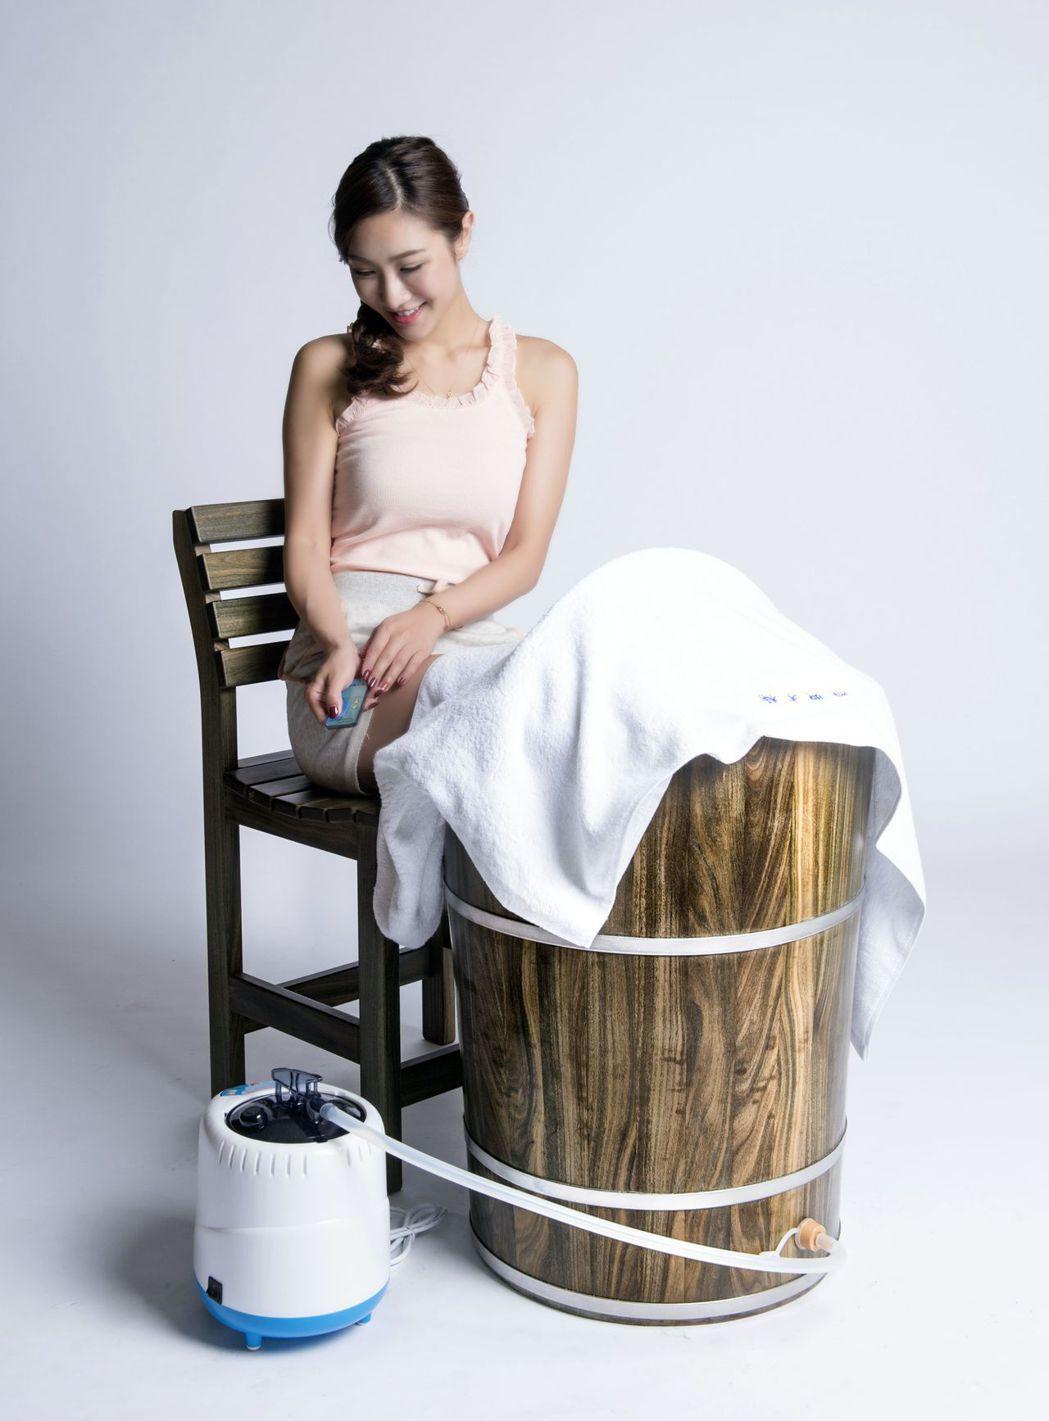 足蒸桶以蒸氣源提供最舒適的足蒸熱源。 雅典/提供